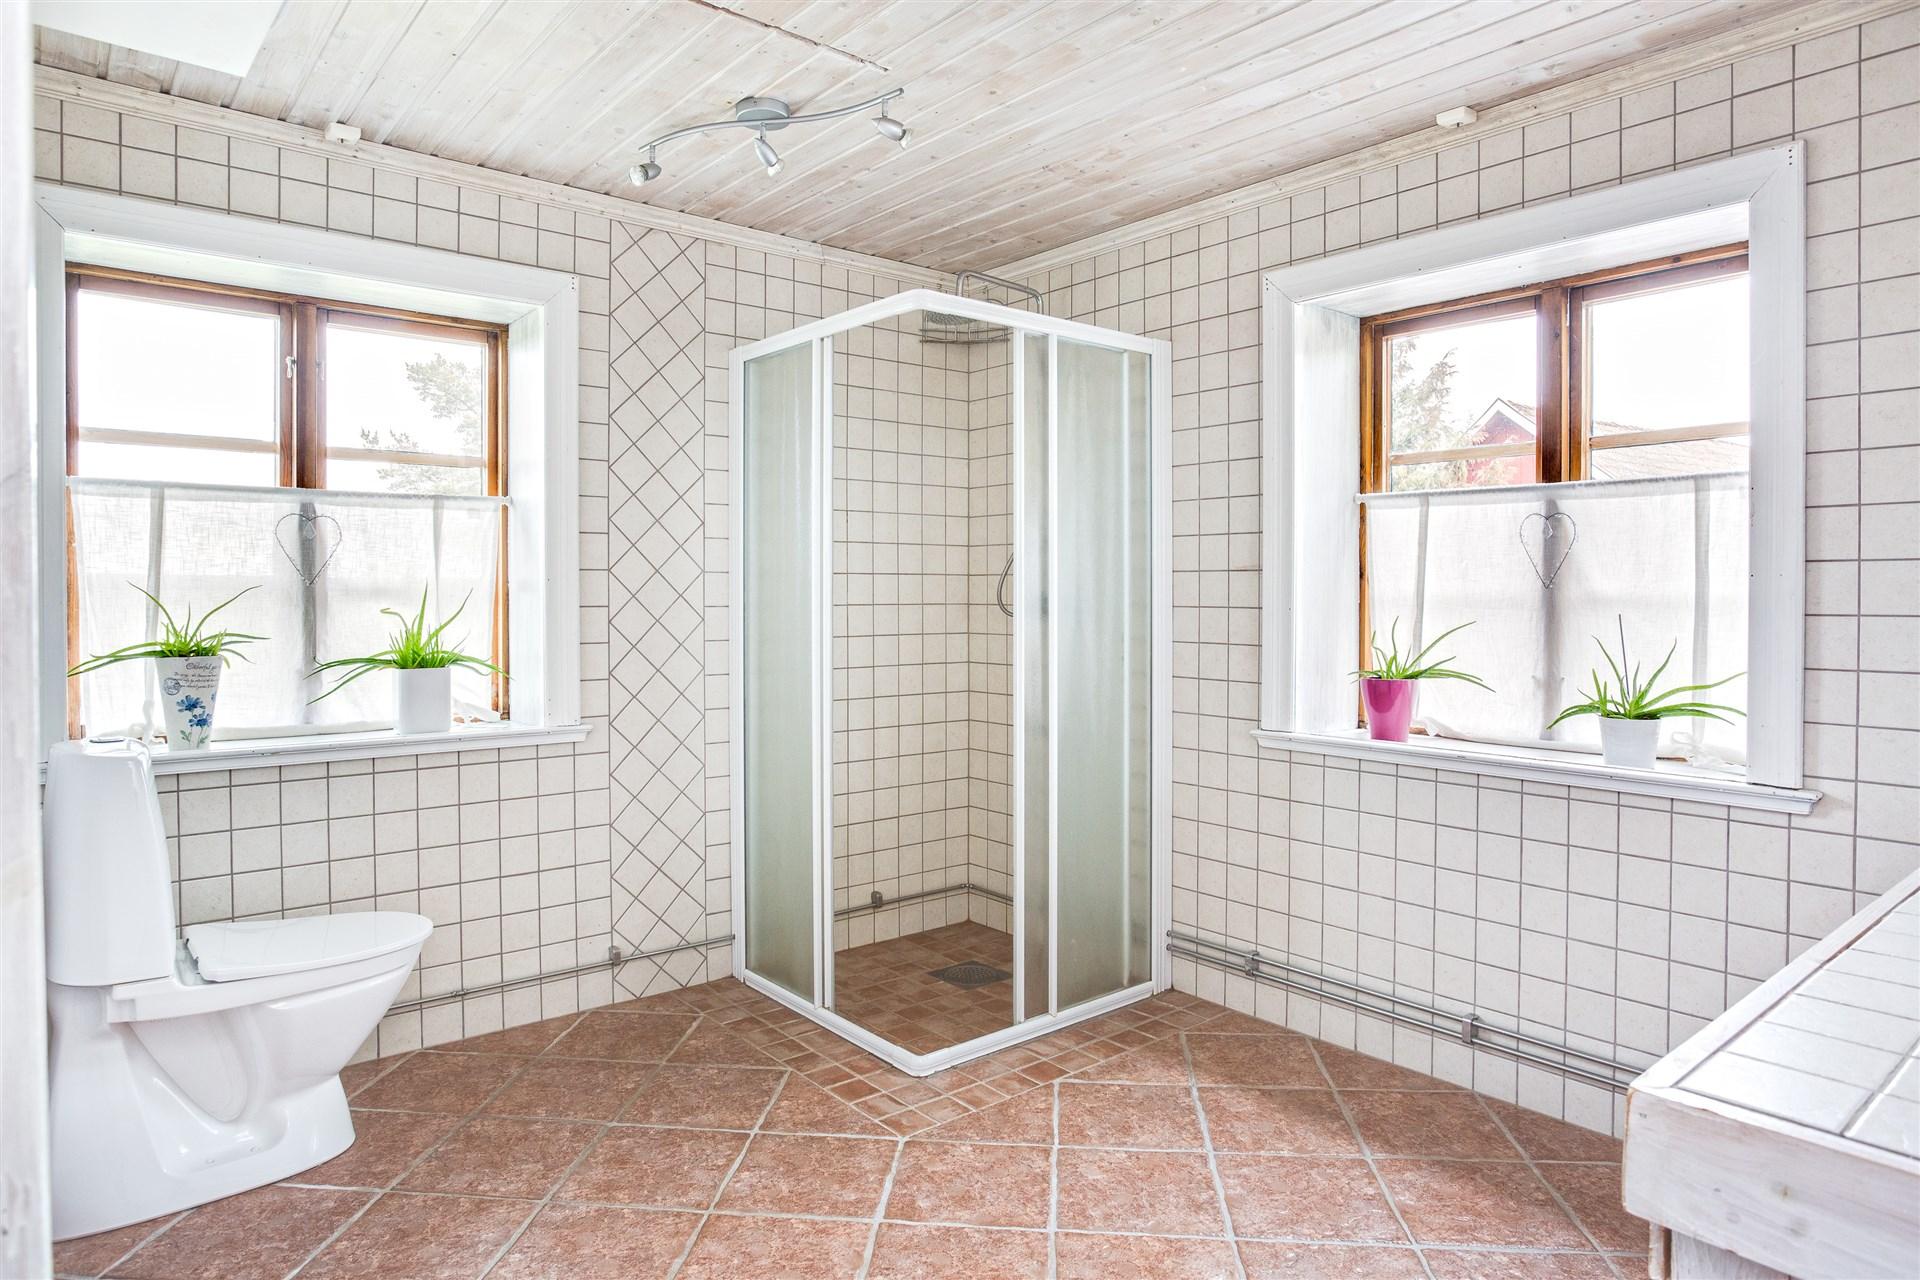 Duschkabin i badrummet. Här finns också luckan till vinden.